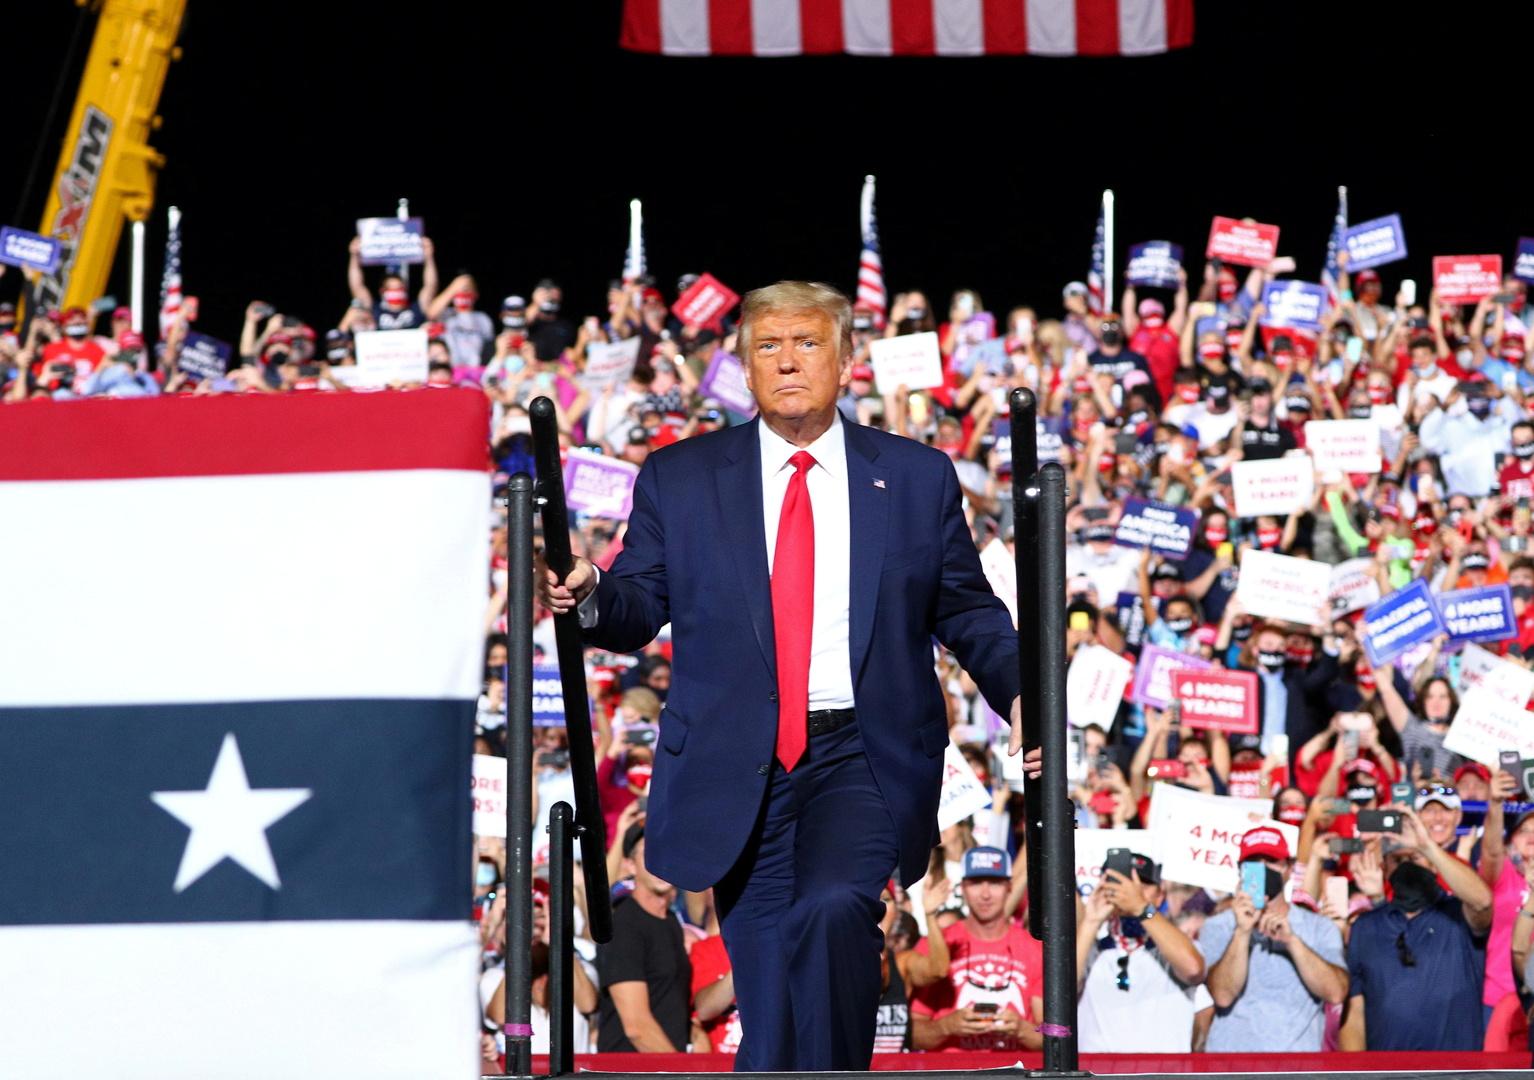 Forbes:  ترامب والحزب الجمهوري نقلا 8.1 مليون دولار من أموال المانحين إلى أعمال الرئيس